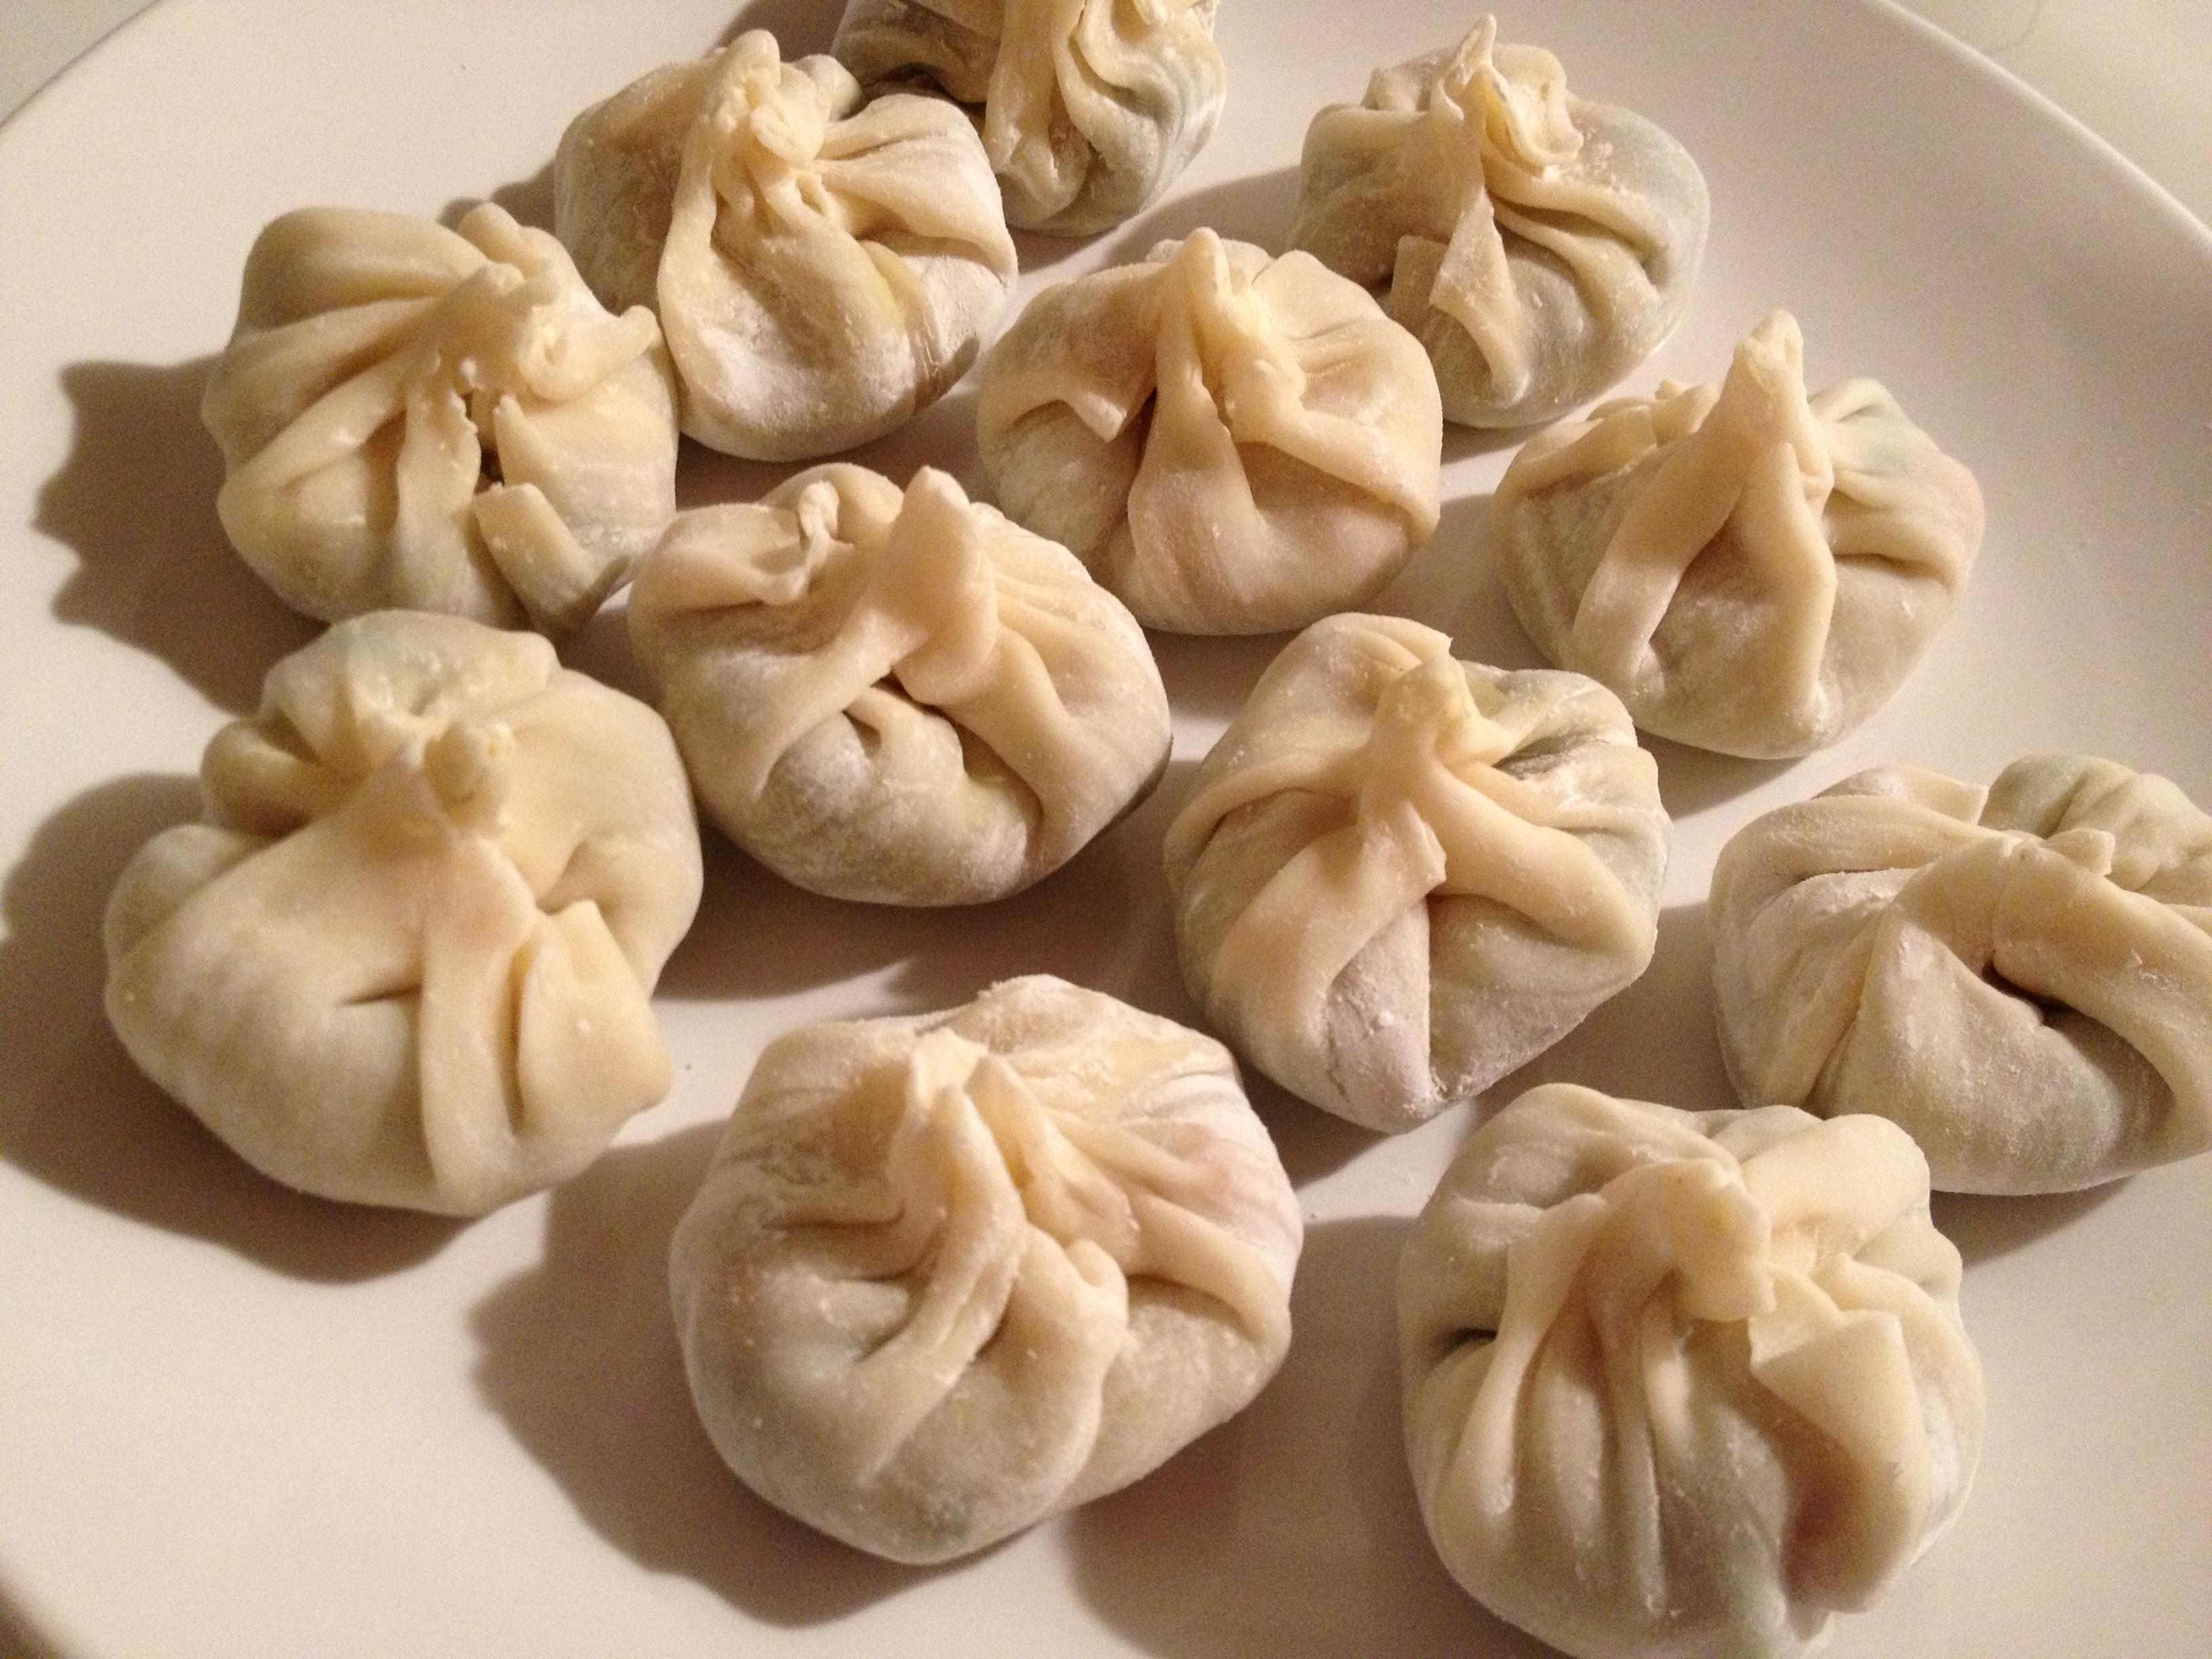 and dumplings peanut dumplings dumplings the himalayan dumplings ...